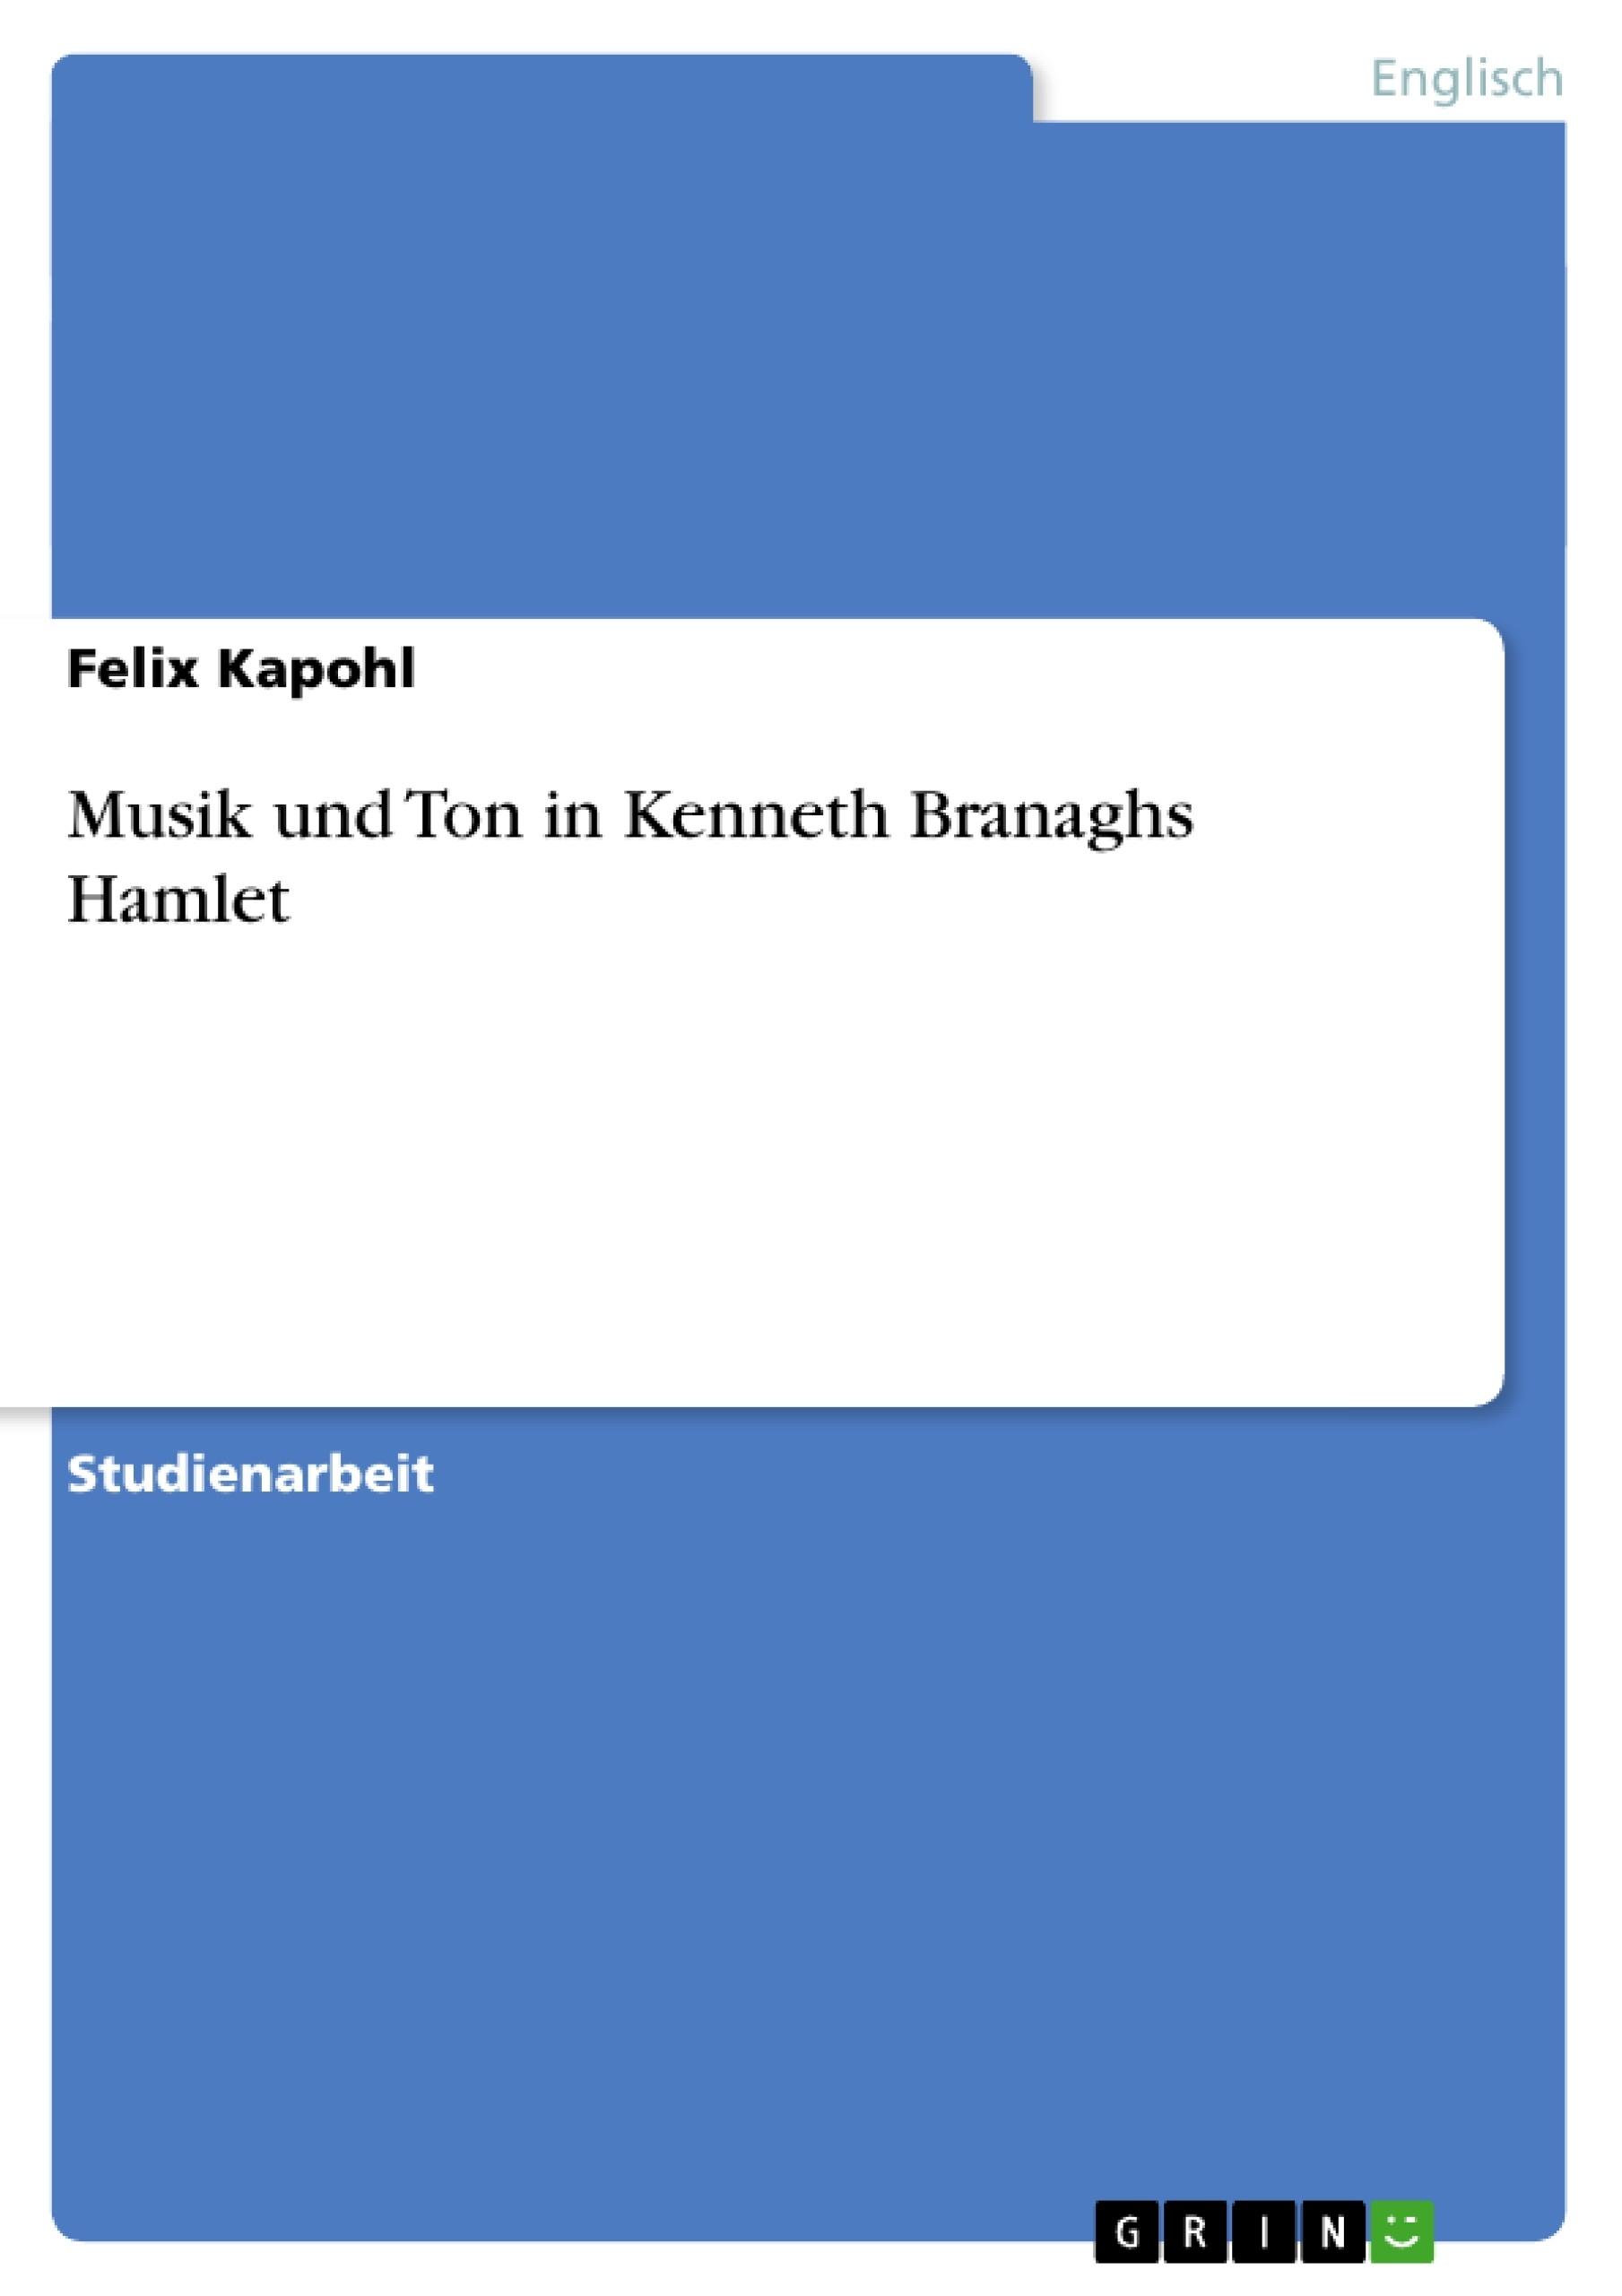 Titel: Musik und Ton in Kenneth Branaghs Hamlet